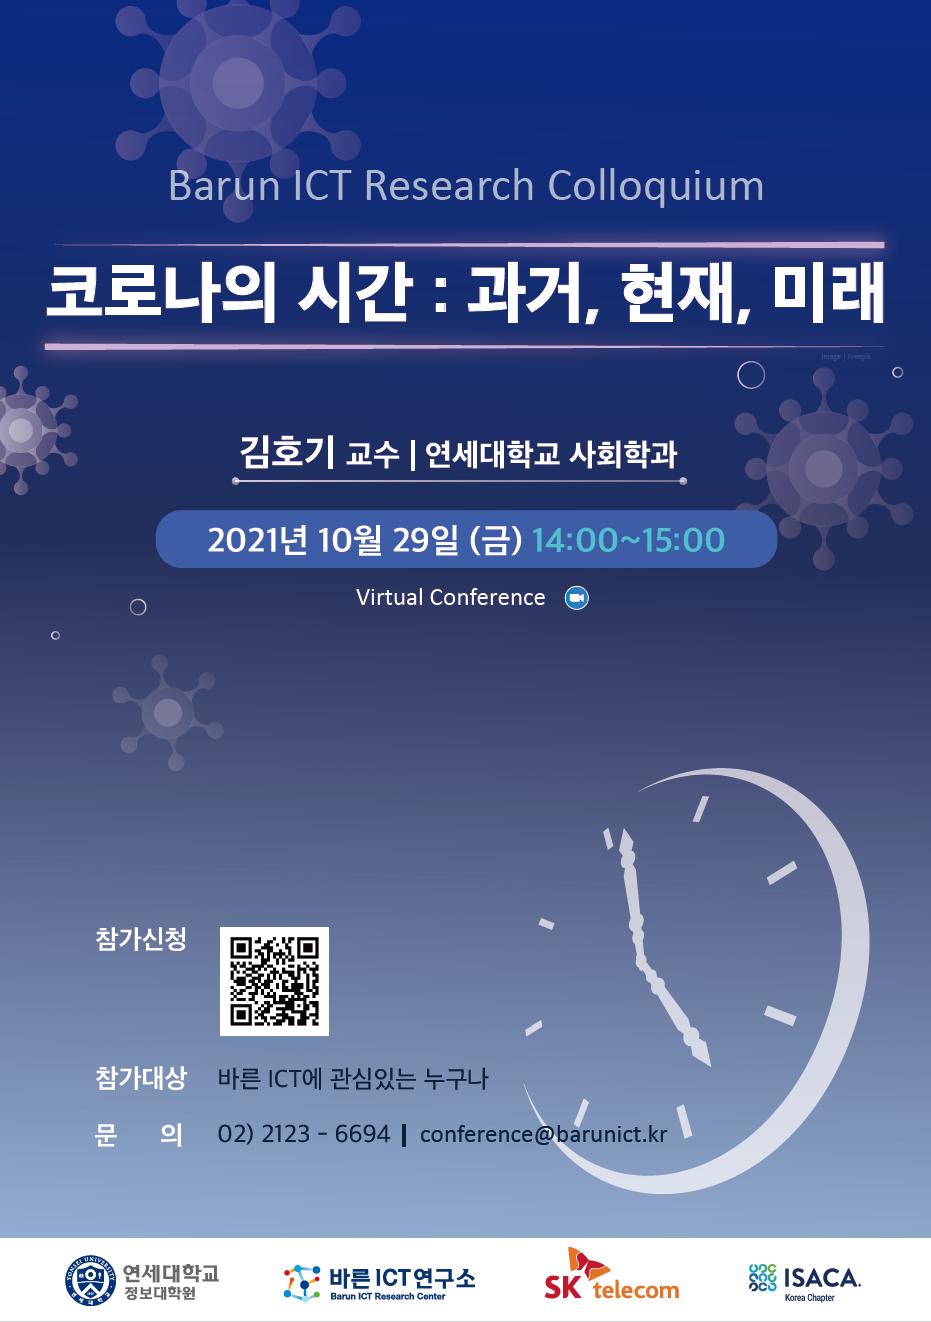 Barun ICT Research Colloquium 10월 29일 (금) 14:00~